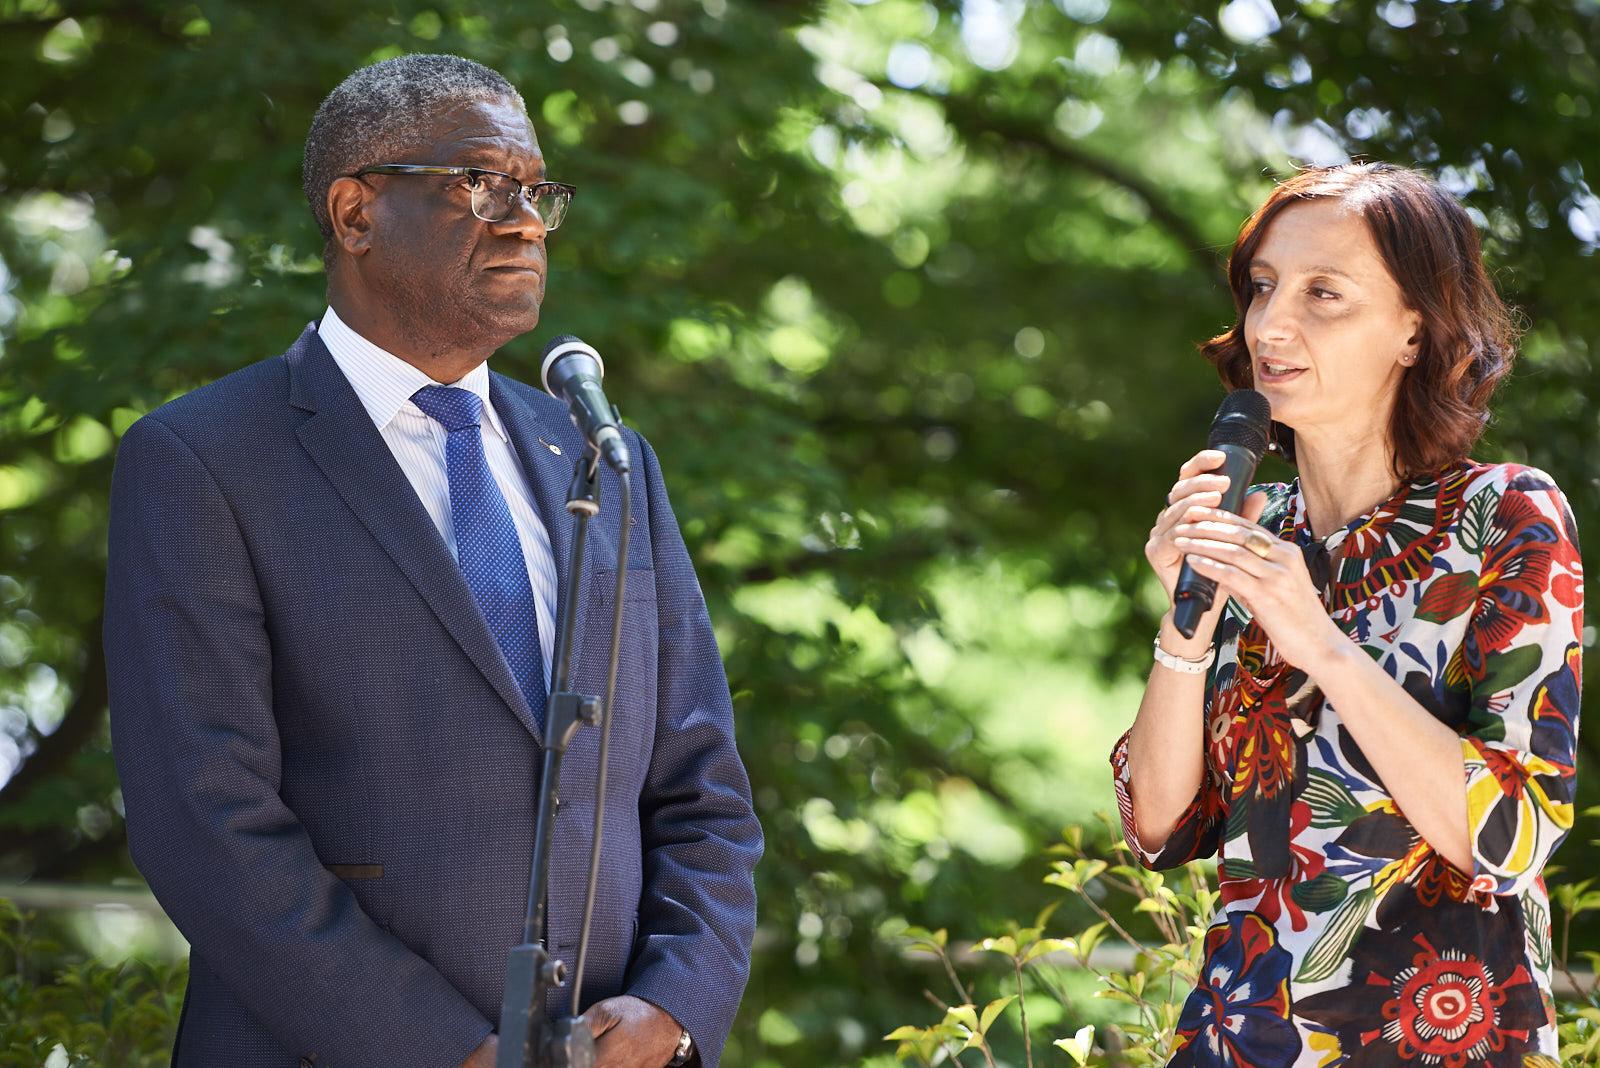 Denis Mukwege with Anna Pozzi, journalist